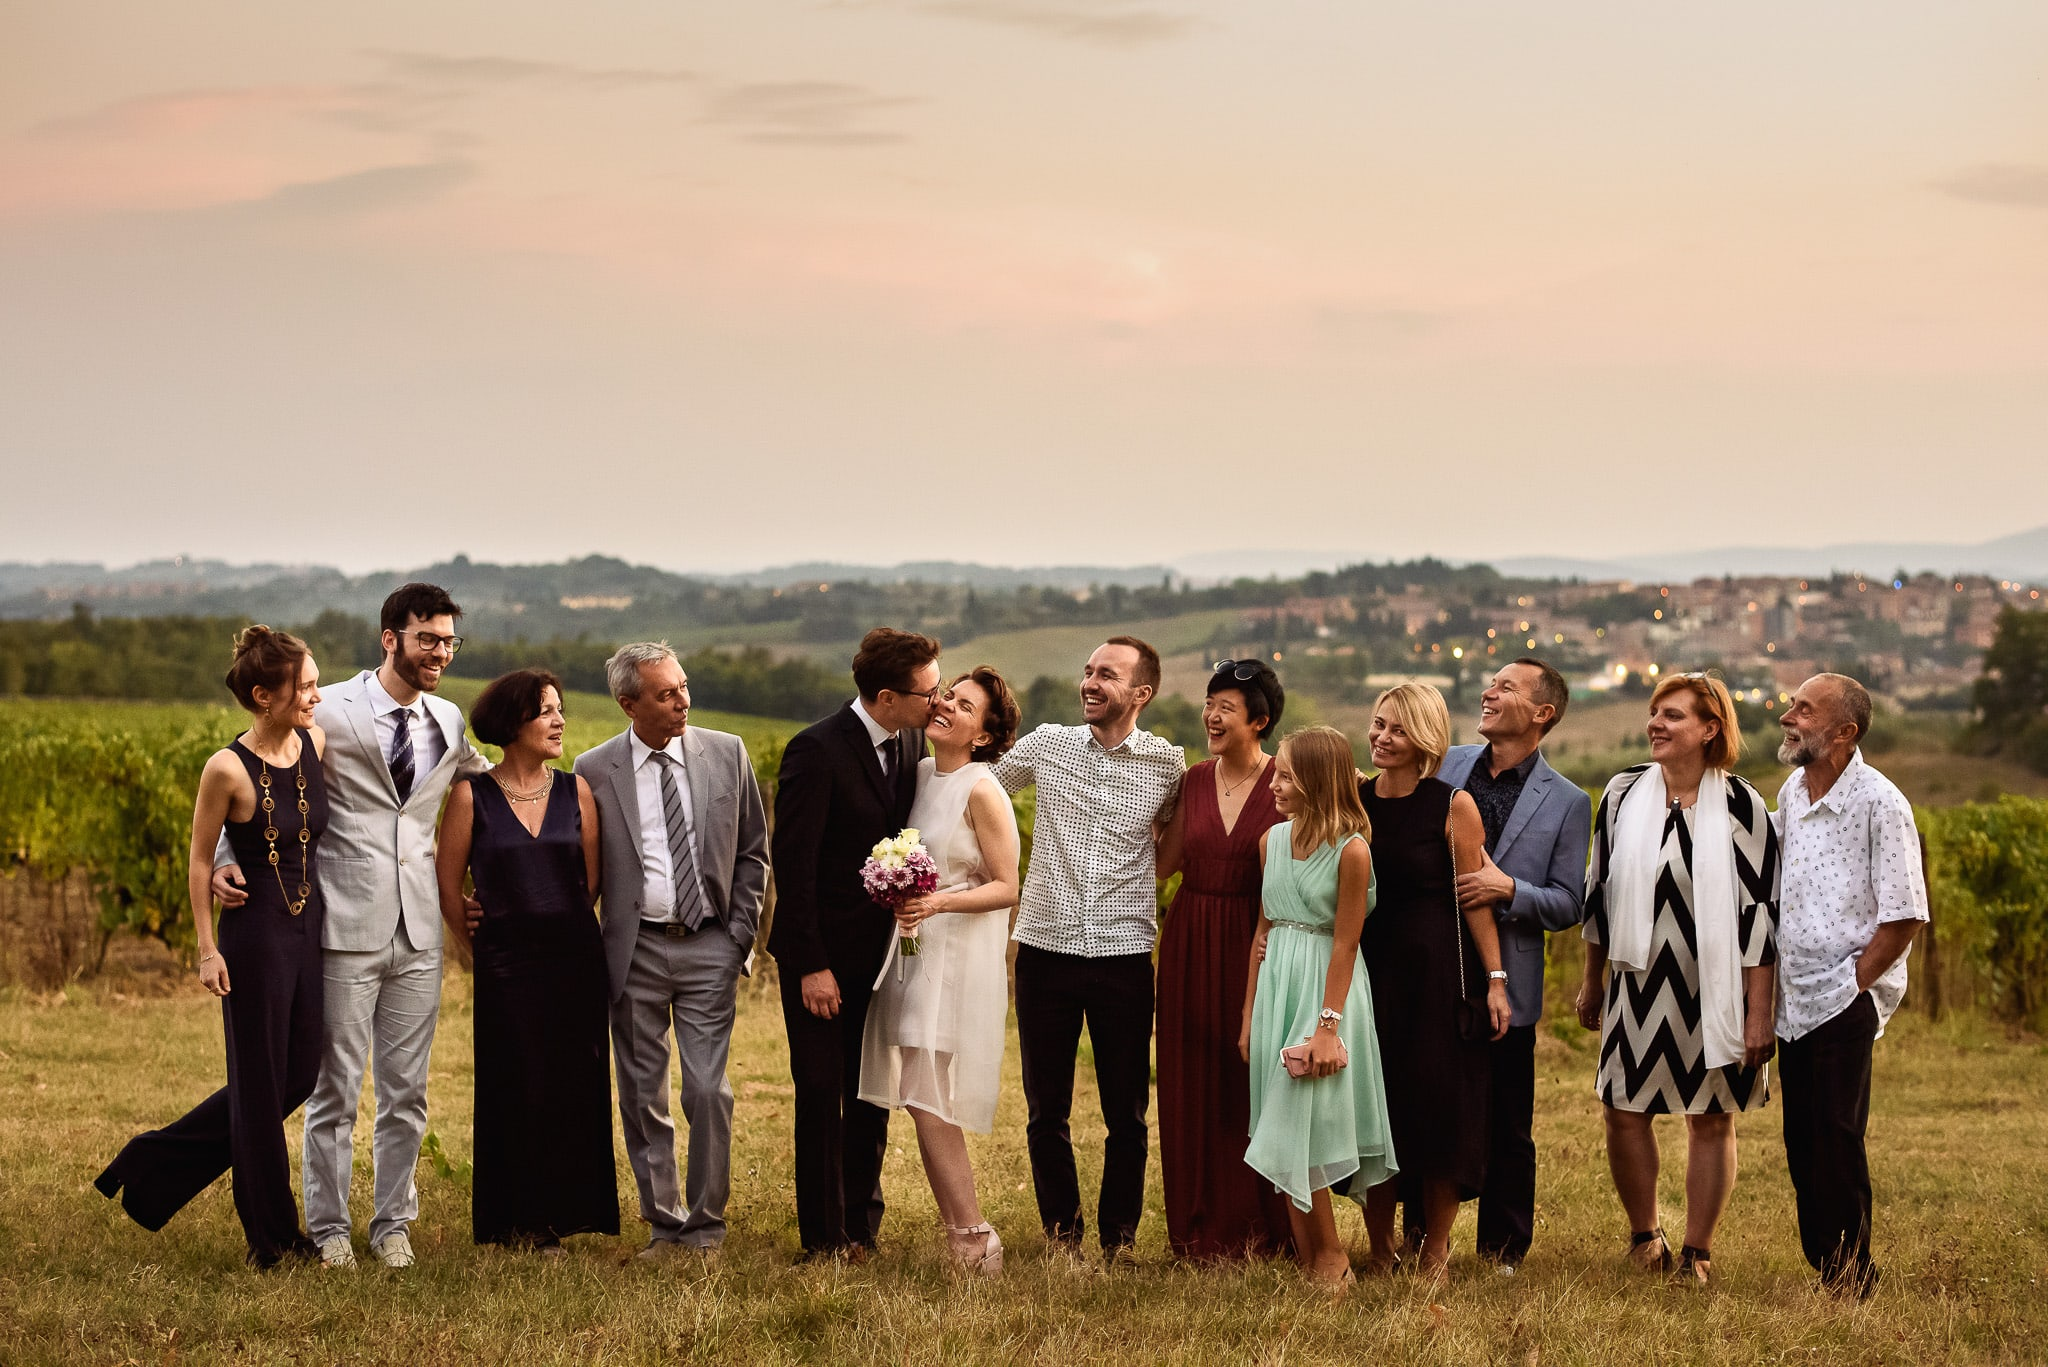 foto di gruppo con gli sposi realizzata dal fotografo matrimonio roma